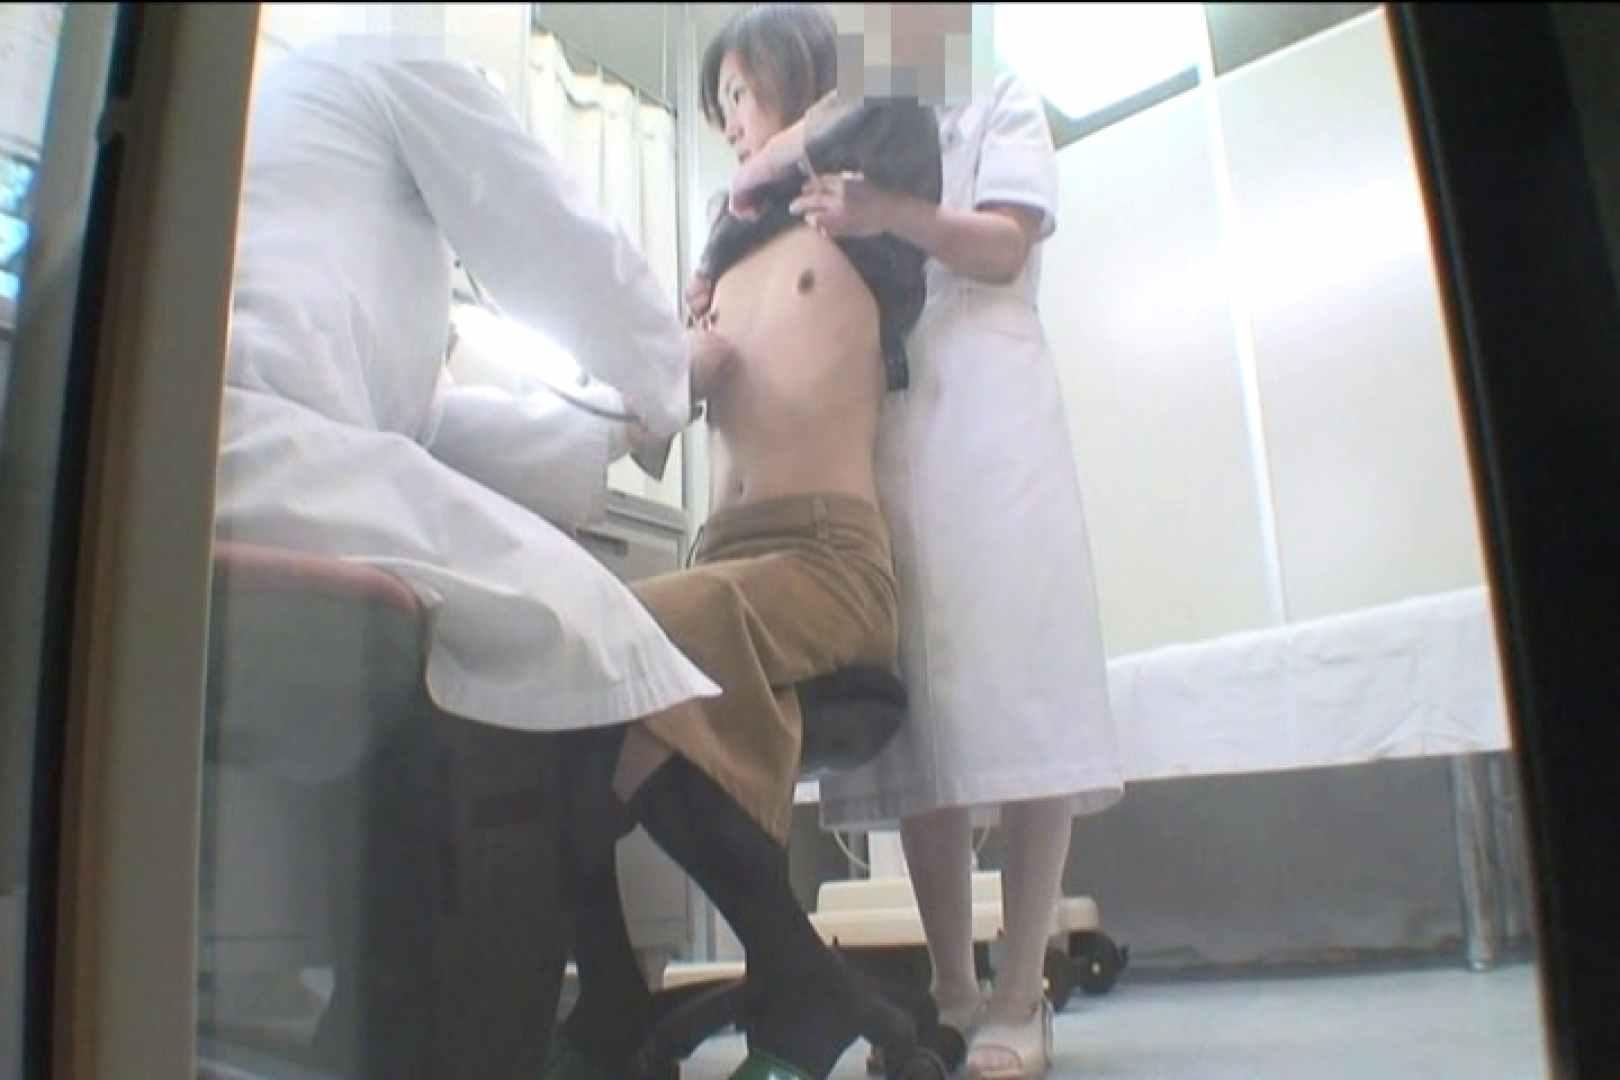 患者のおまんこをコレクションする変態医師の流出映像Vol.1 おまんこ  50PIX 38